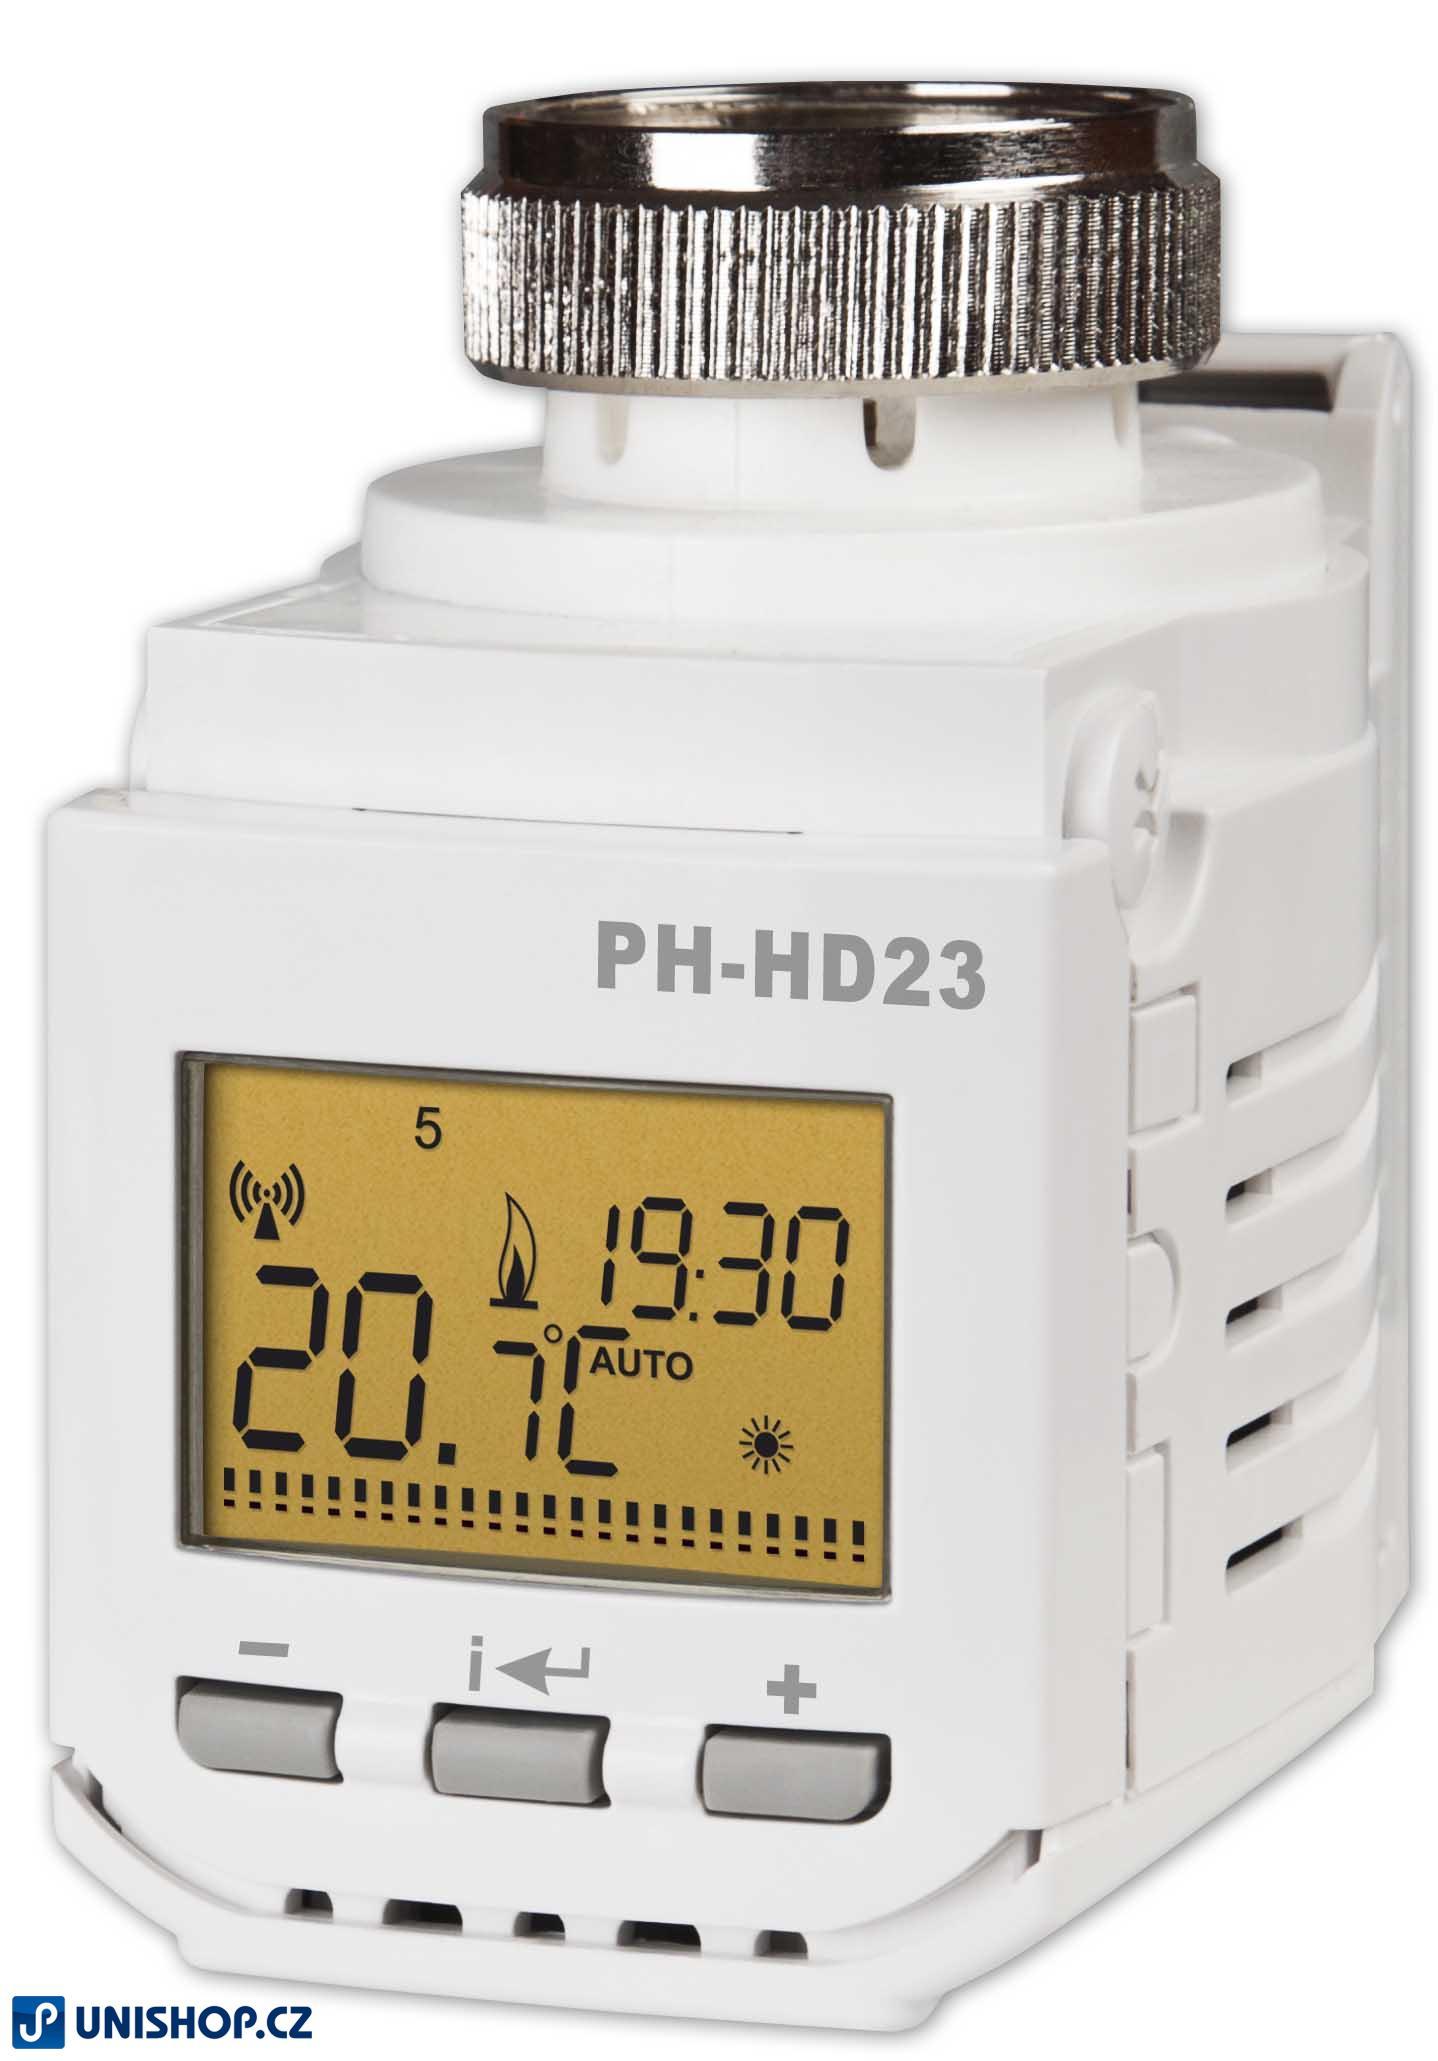 PH-HD23 - Bezdrátová digitální hlavice Ovládá polohu ventilu podle požadované teploty.